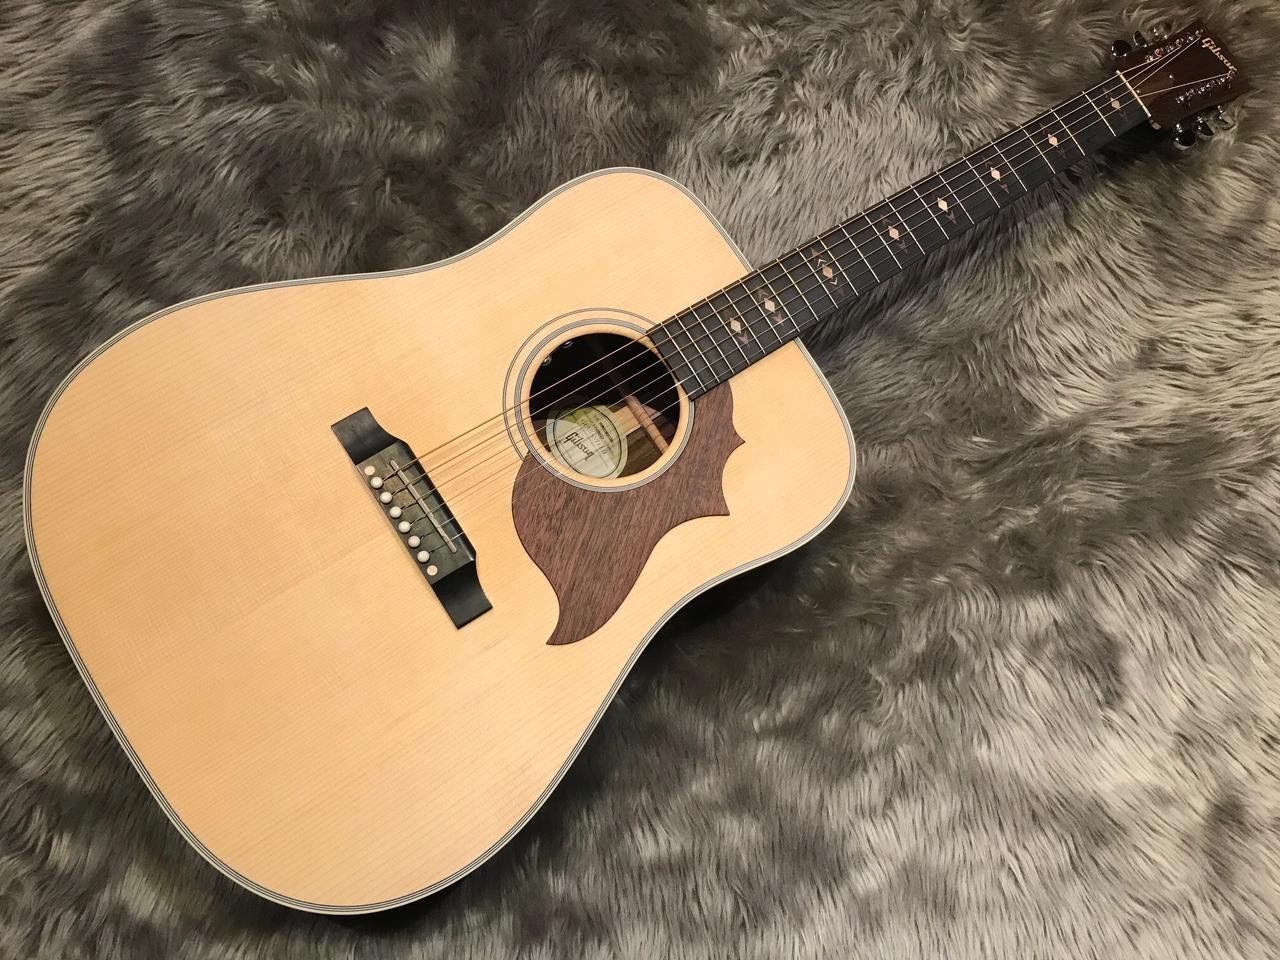 Gibson  Hummingbird Sustain 写真画像